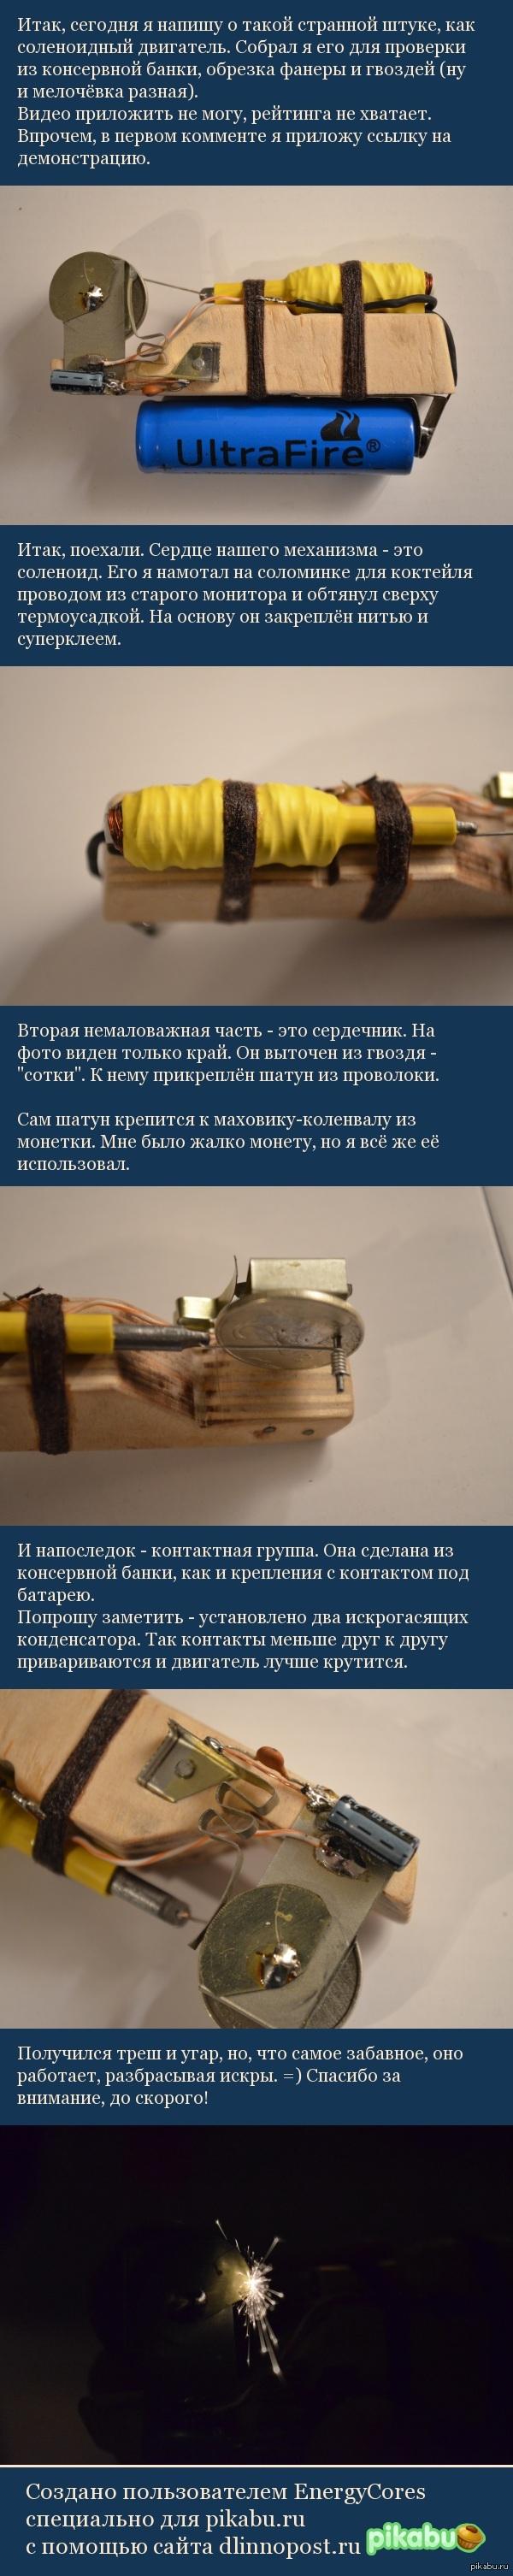 Искрящий монстр из консервной банки. =) Соленоидный двигатель. демо - http://vk.com/video-63542216_170304304?list=49be84dd76160d770b